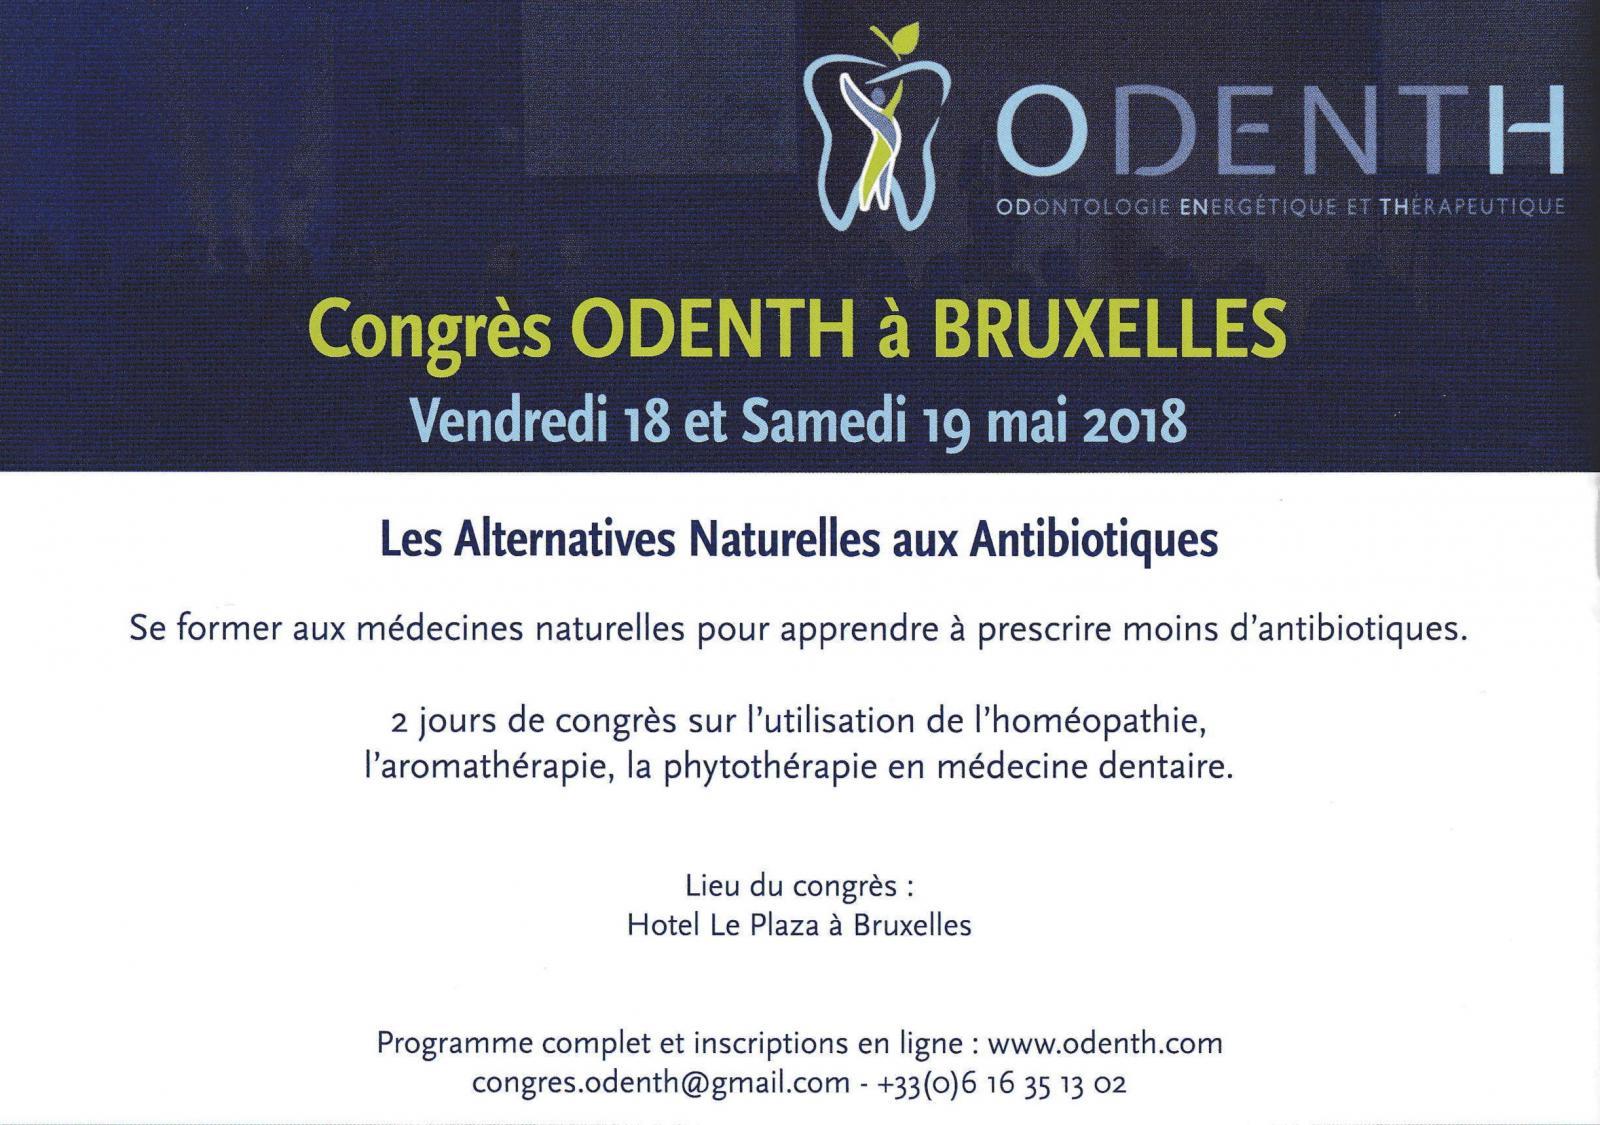 Congrès ODENTH à BRUXELLES